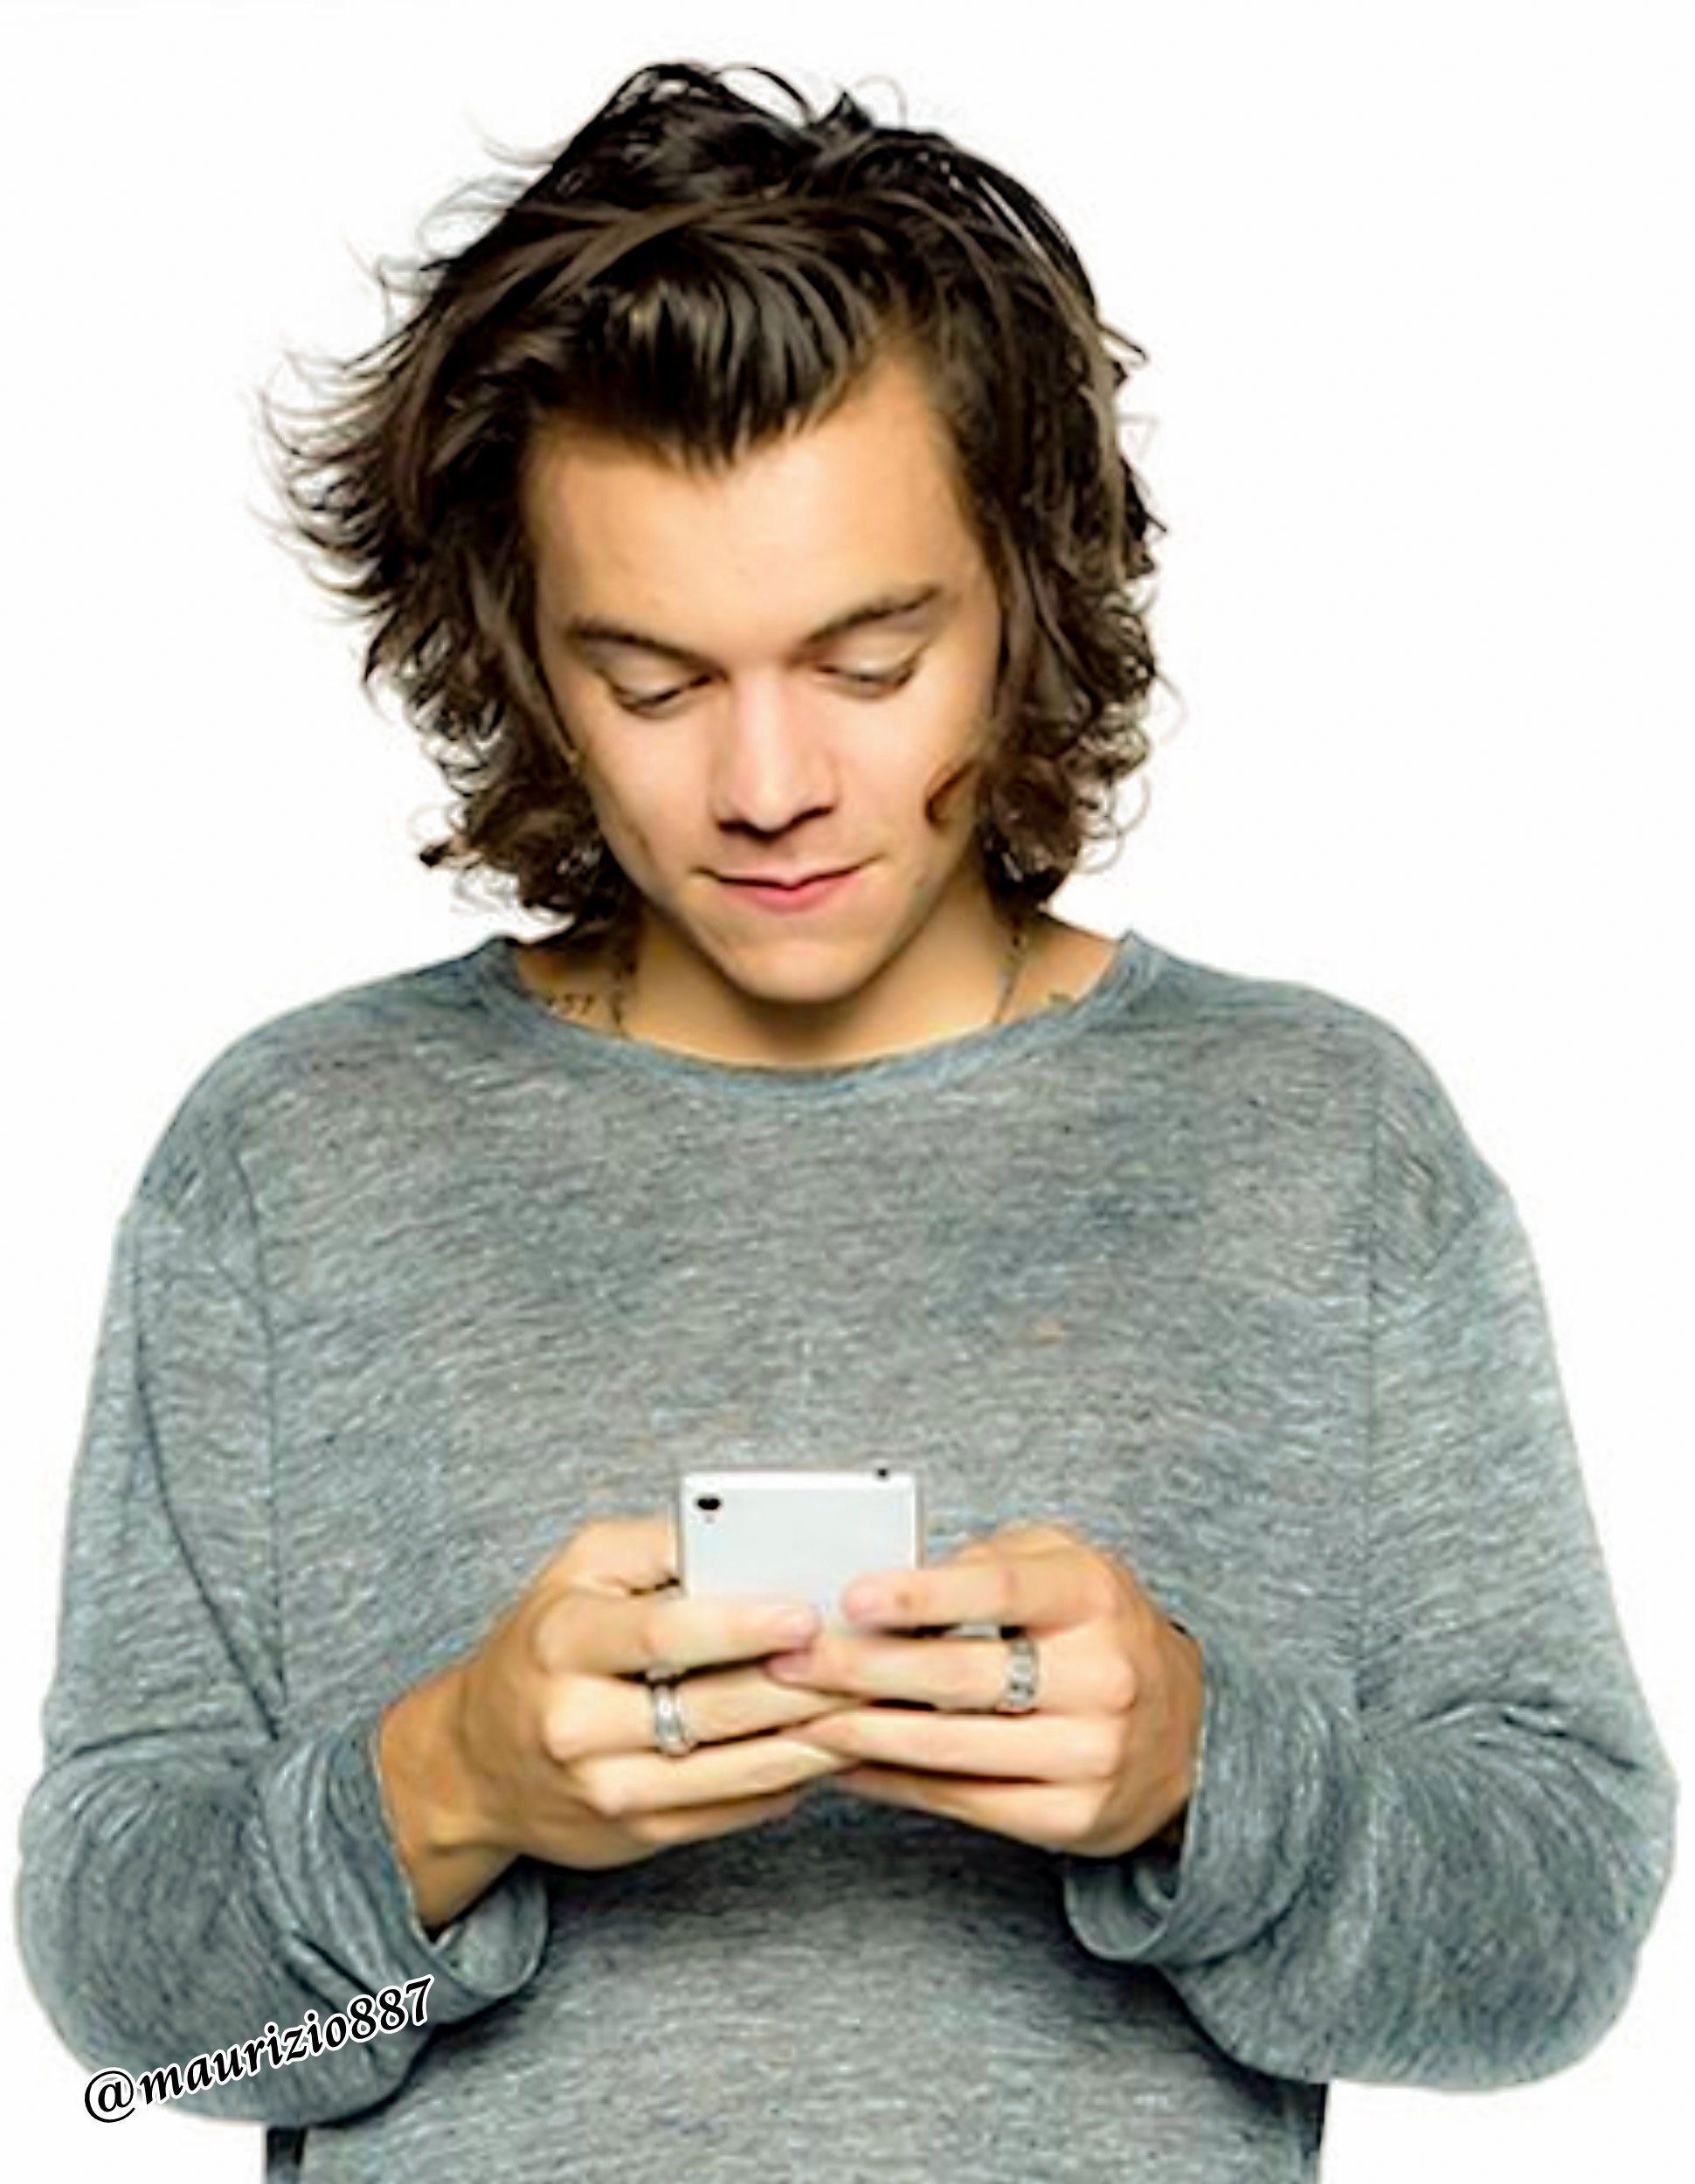 Harry Styles 2015